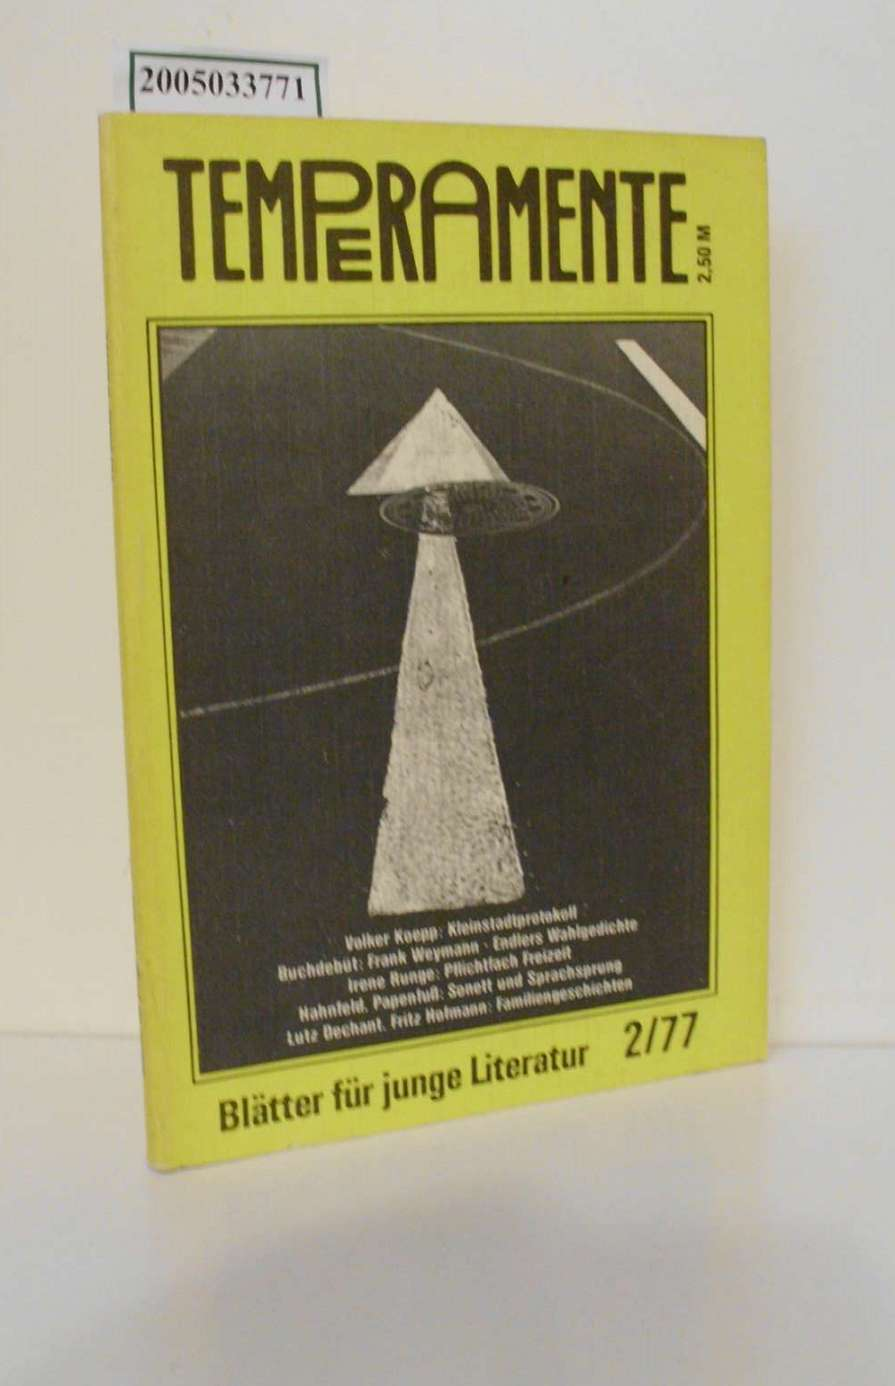 Temperamente / Blätter für junge Literatur / 2/77